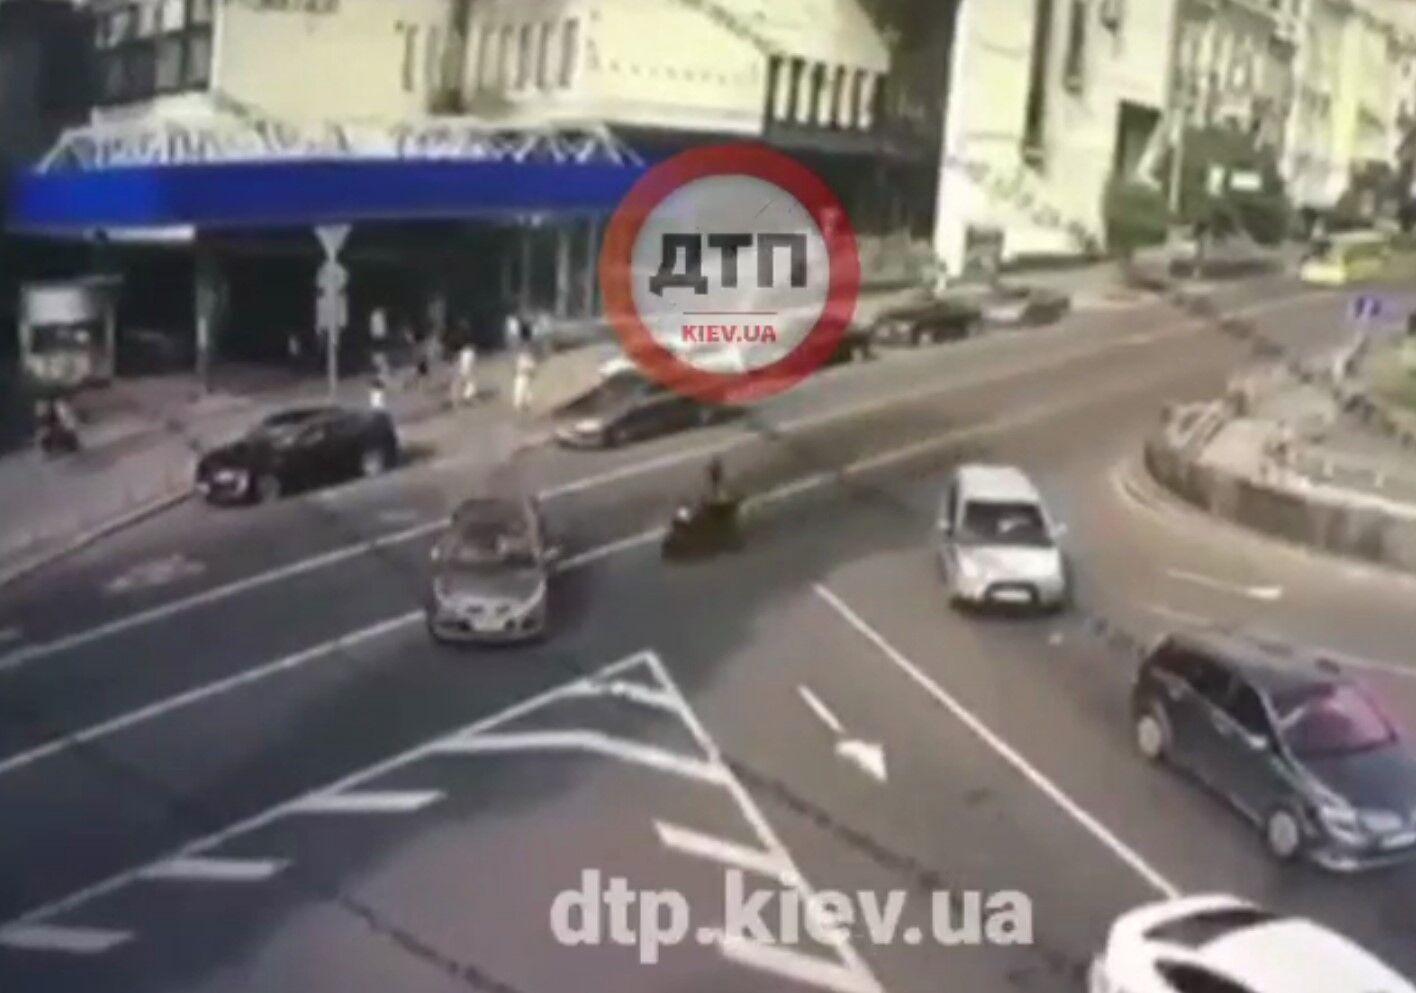 Мотоциклист на скорости въехал в такси.